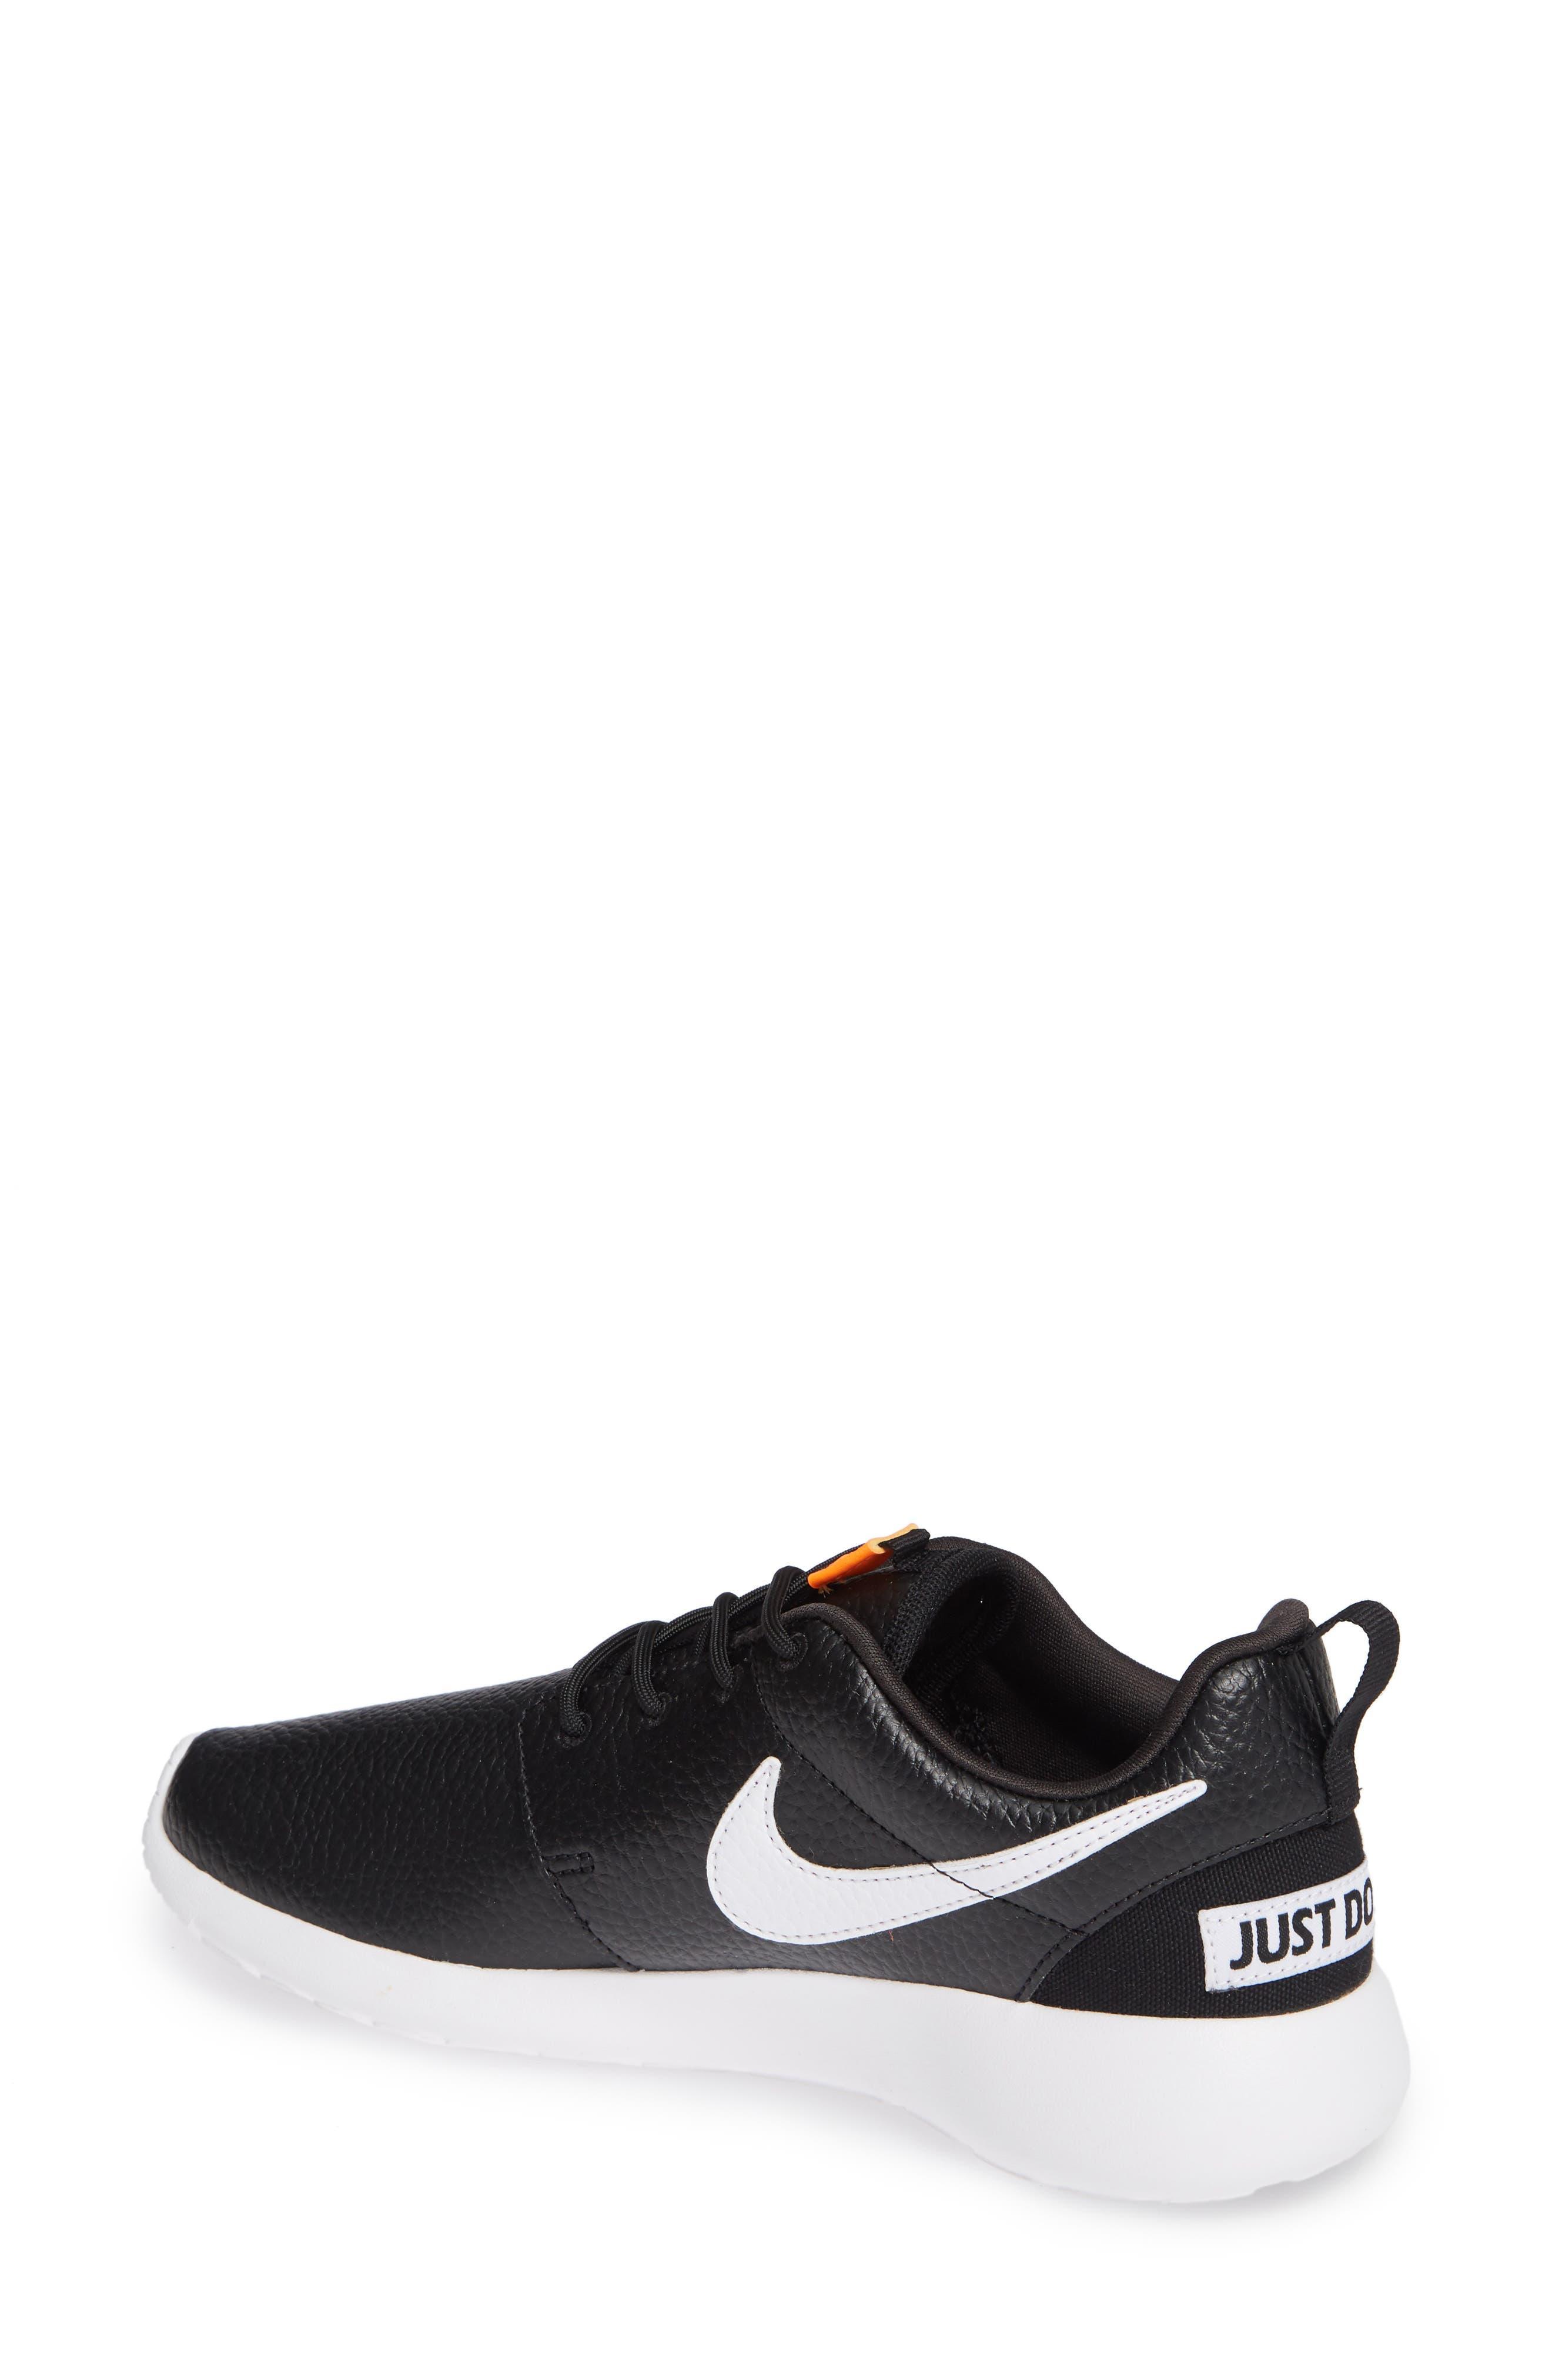 'Roshe Run' Print Sneaker,                             Alternate thumbnail 2, color,                             Black/ White/ Total Orange